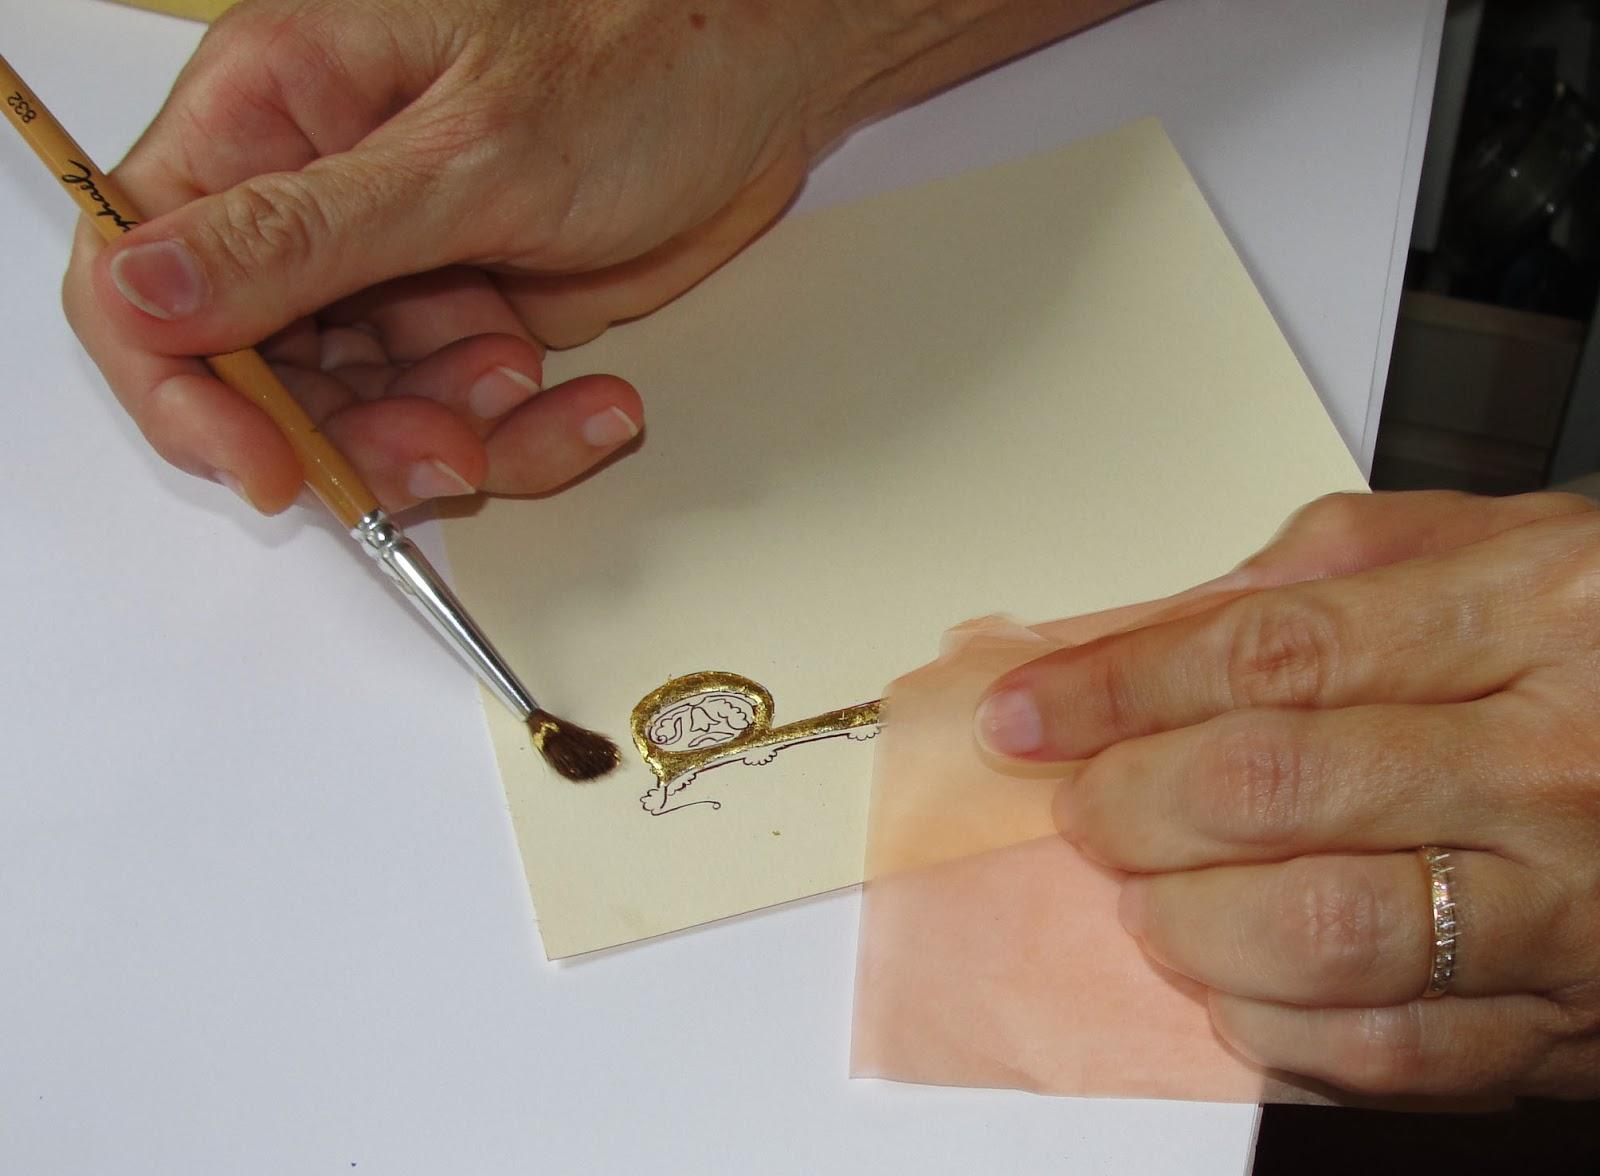 Comptoir des tuileries : Ce que je vous recommande pour constituer une bonne épargne et une assurance